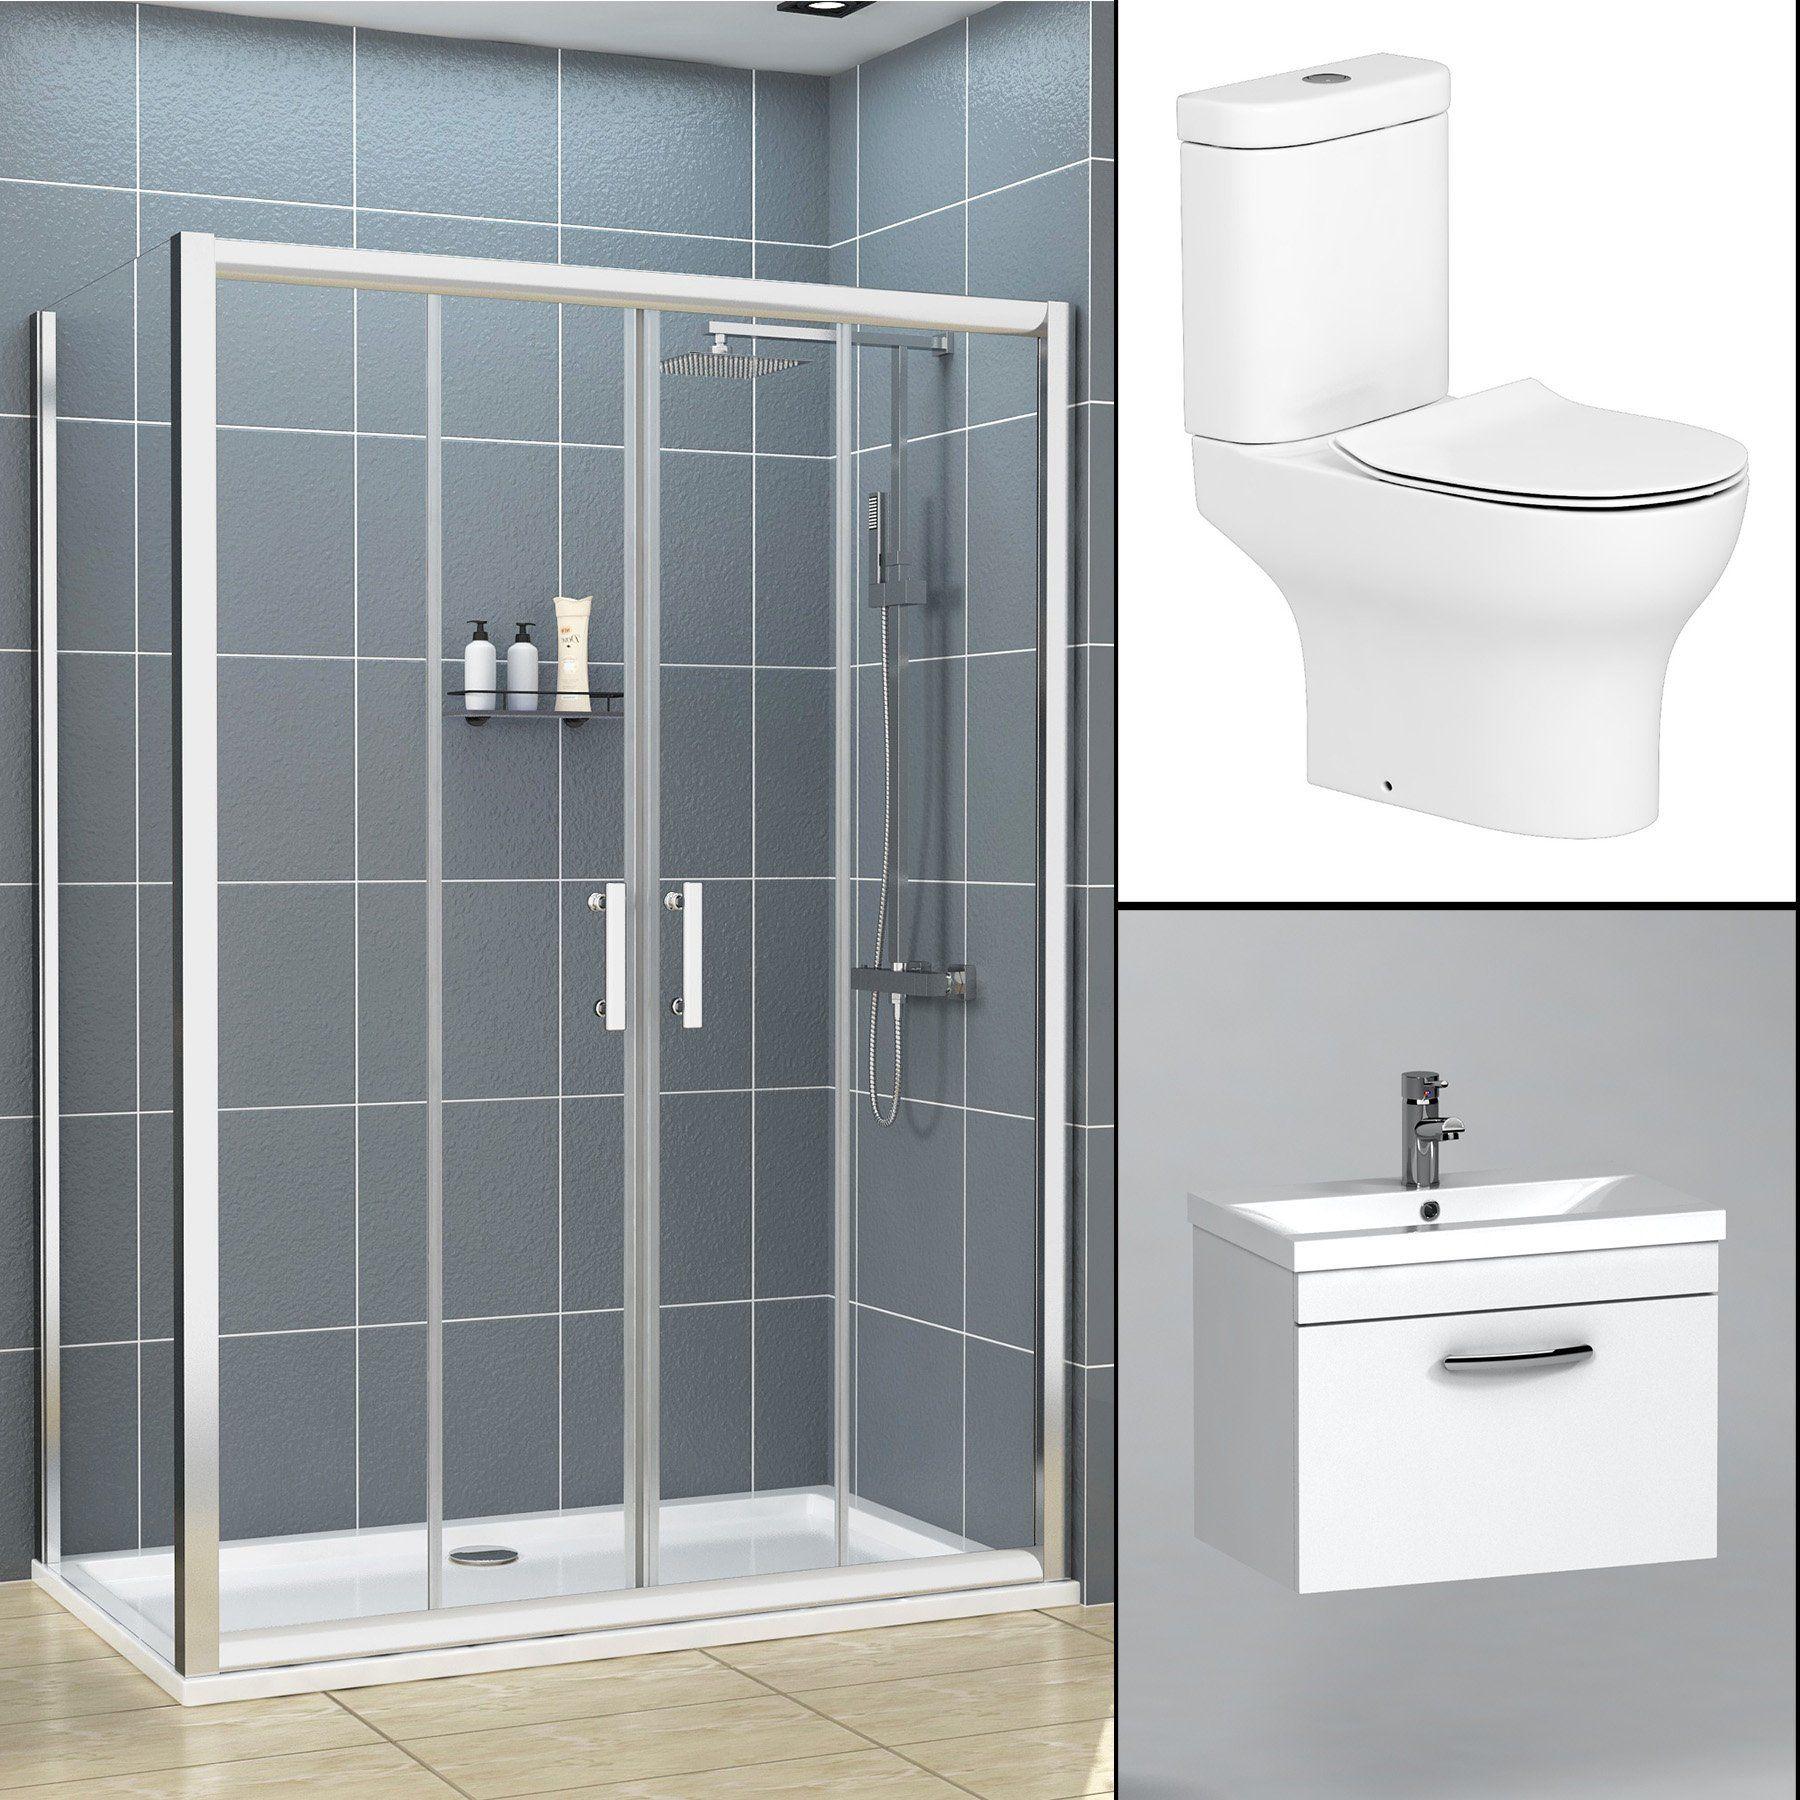 Double Door Sliding Shower Enclosure Suite With Breeze Toilet 500mm Basin Unit In 2020 Shower Enclosure 500mm Vanity Unit Basin Unit